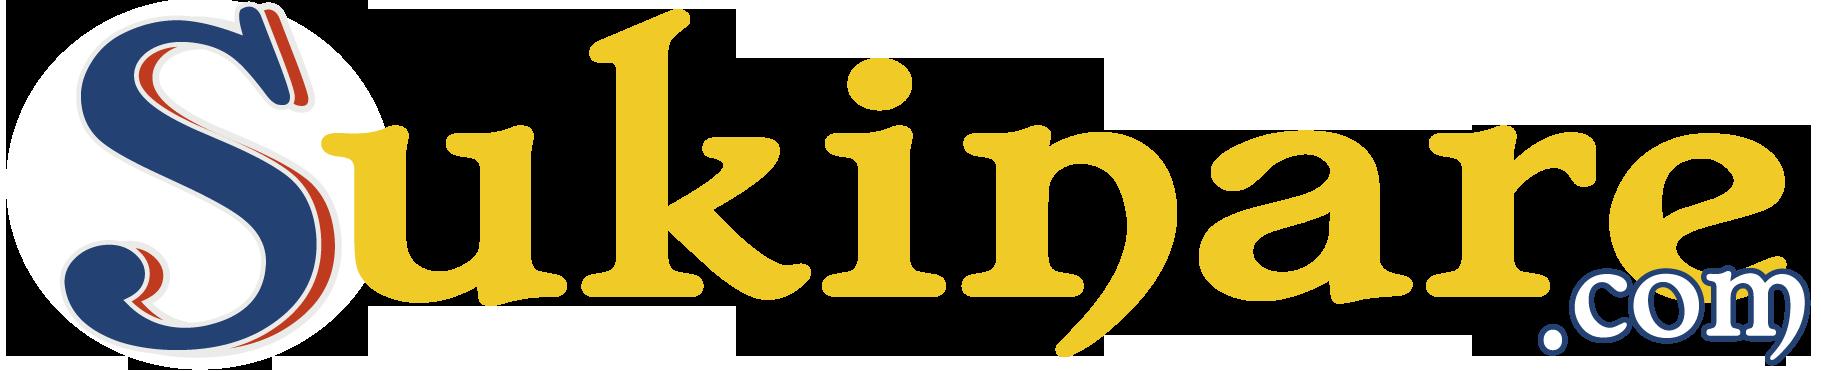 SUKINARE.com